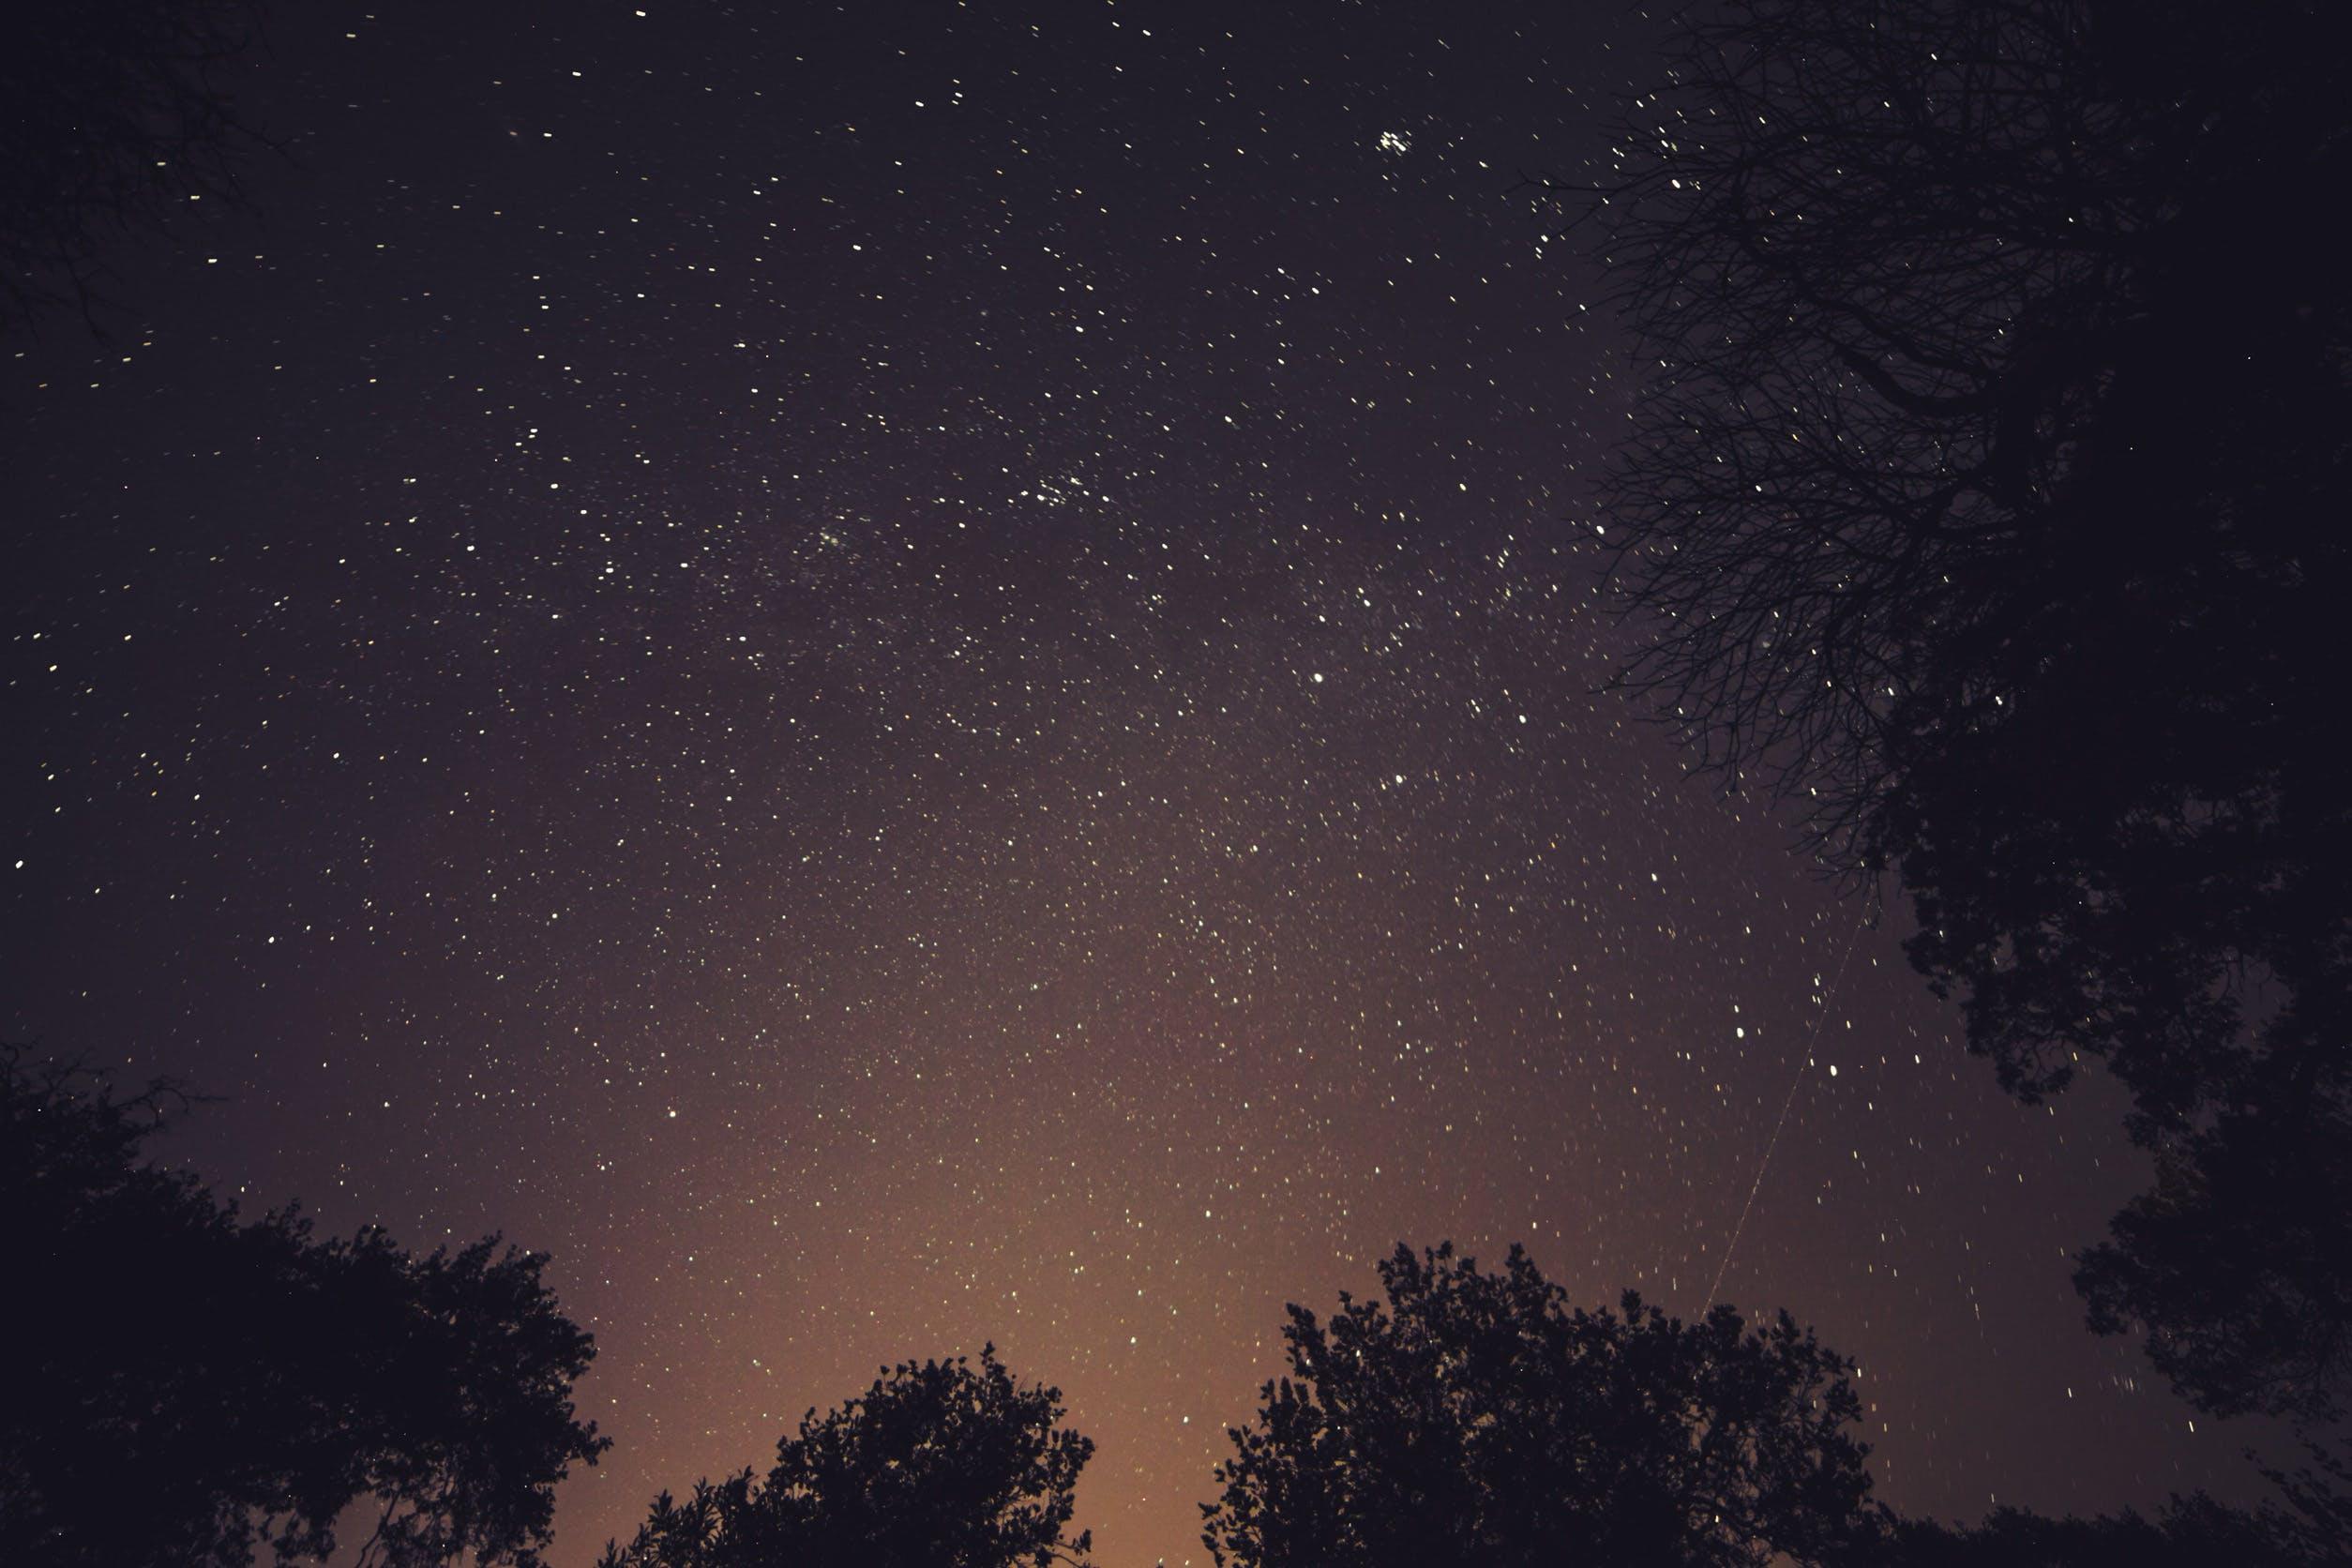 Kostenloses Stock Foto zu dunkel, galaxie, milchstraße, nacht